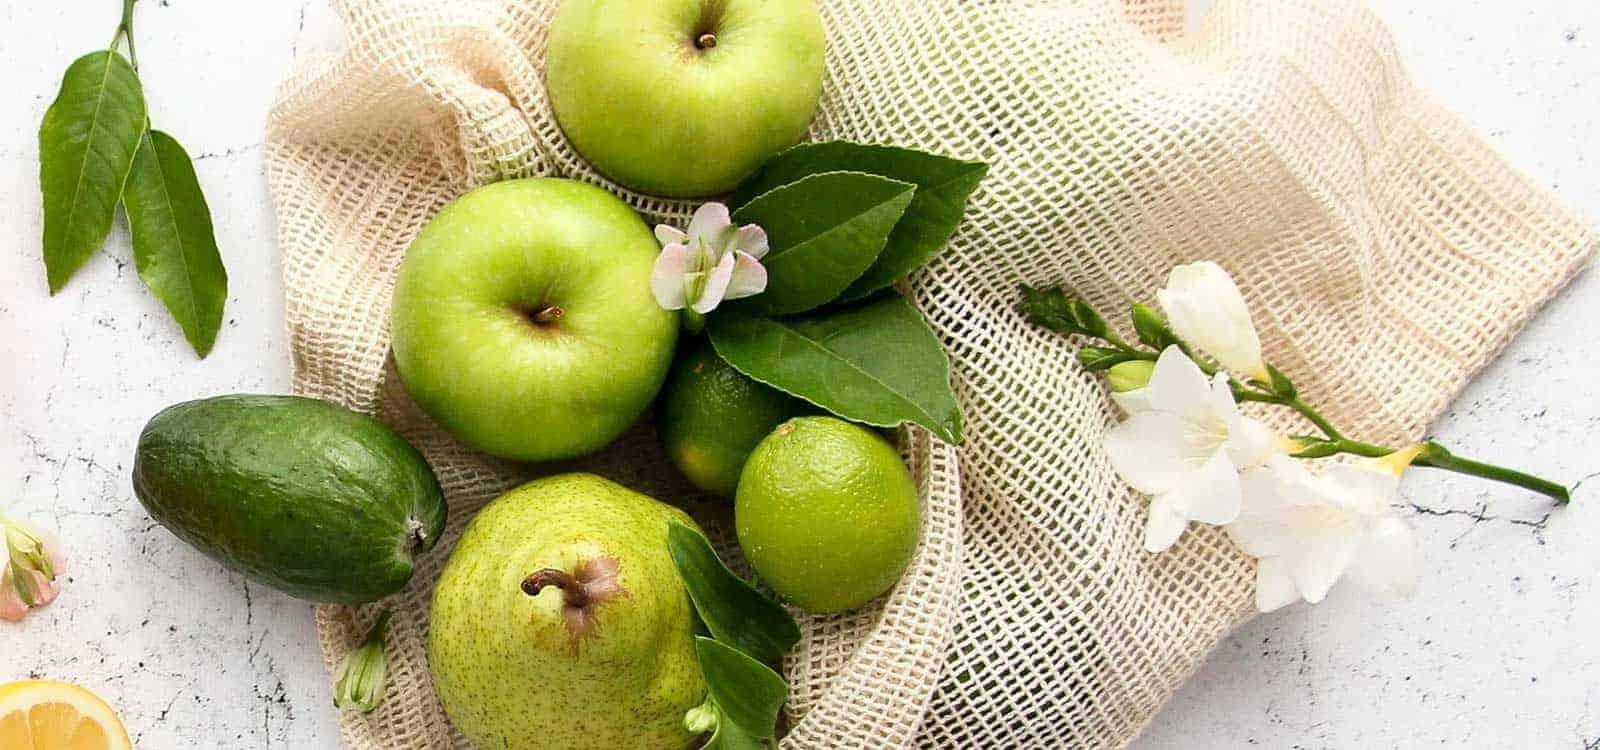 reusable-produce-bags-organic-cotton-zero-waste